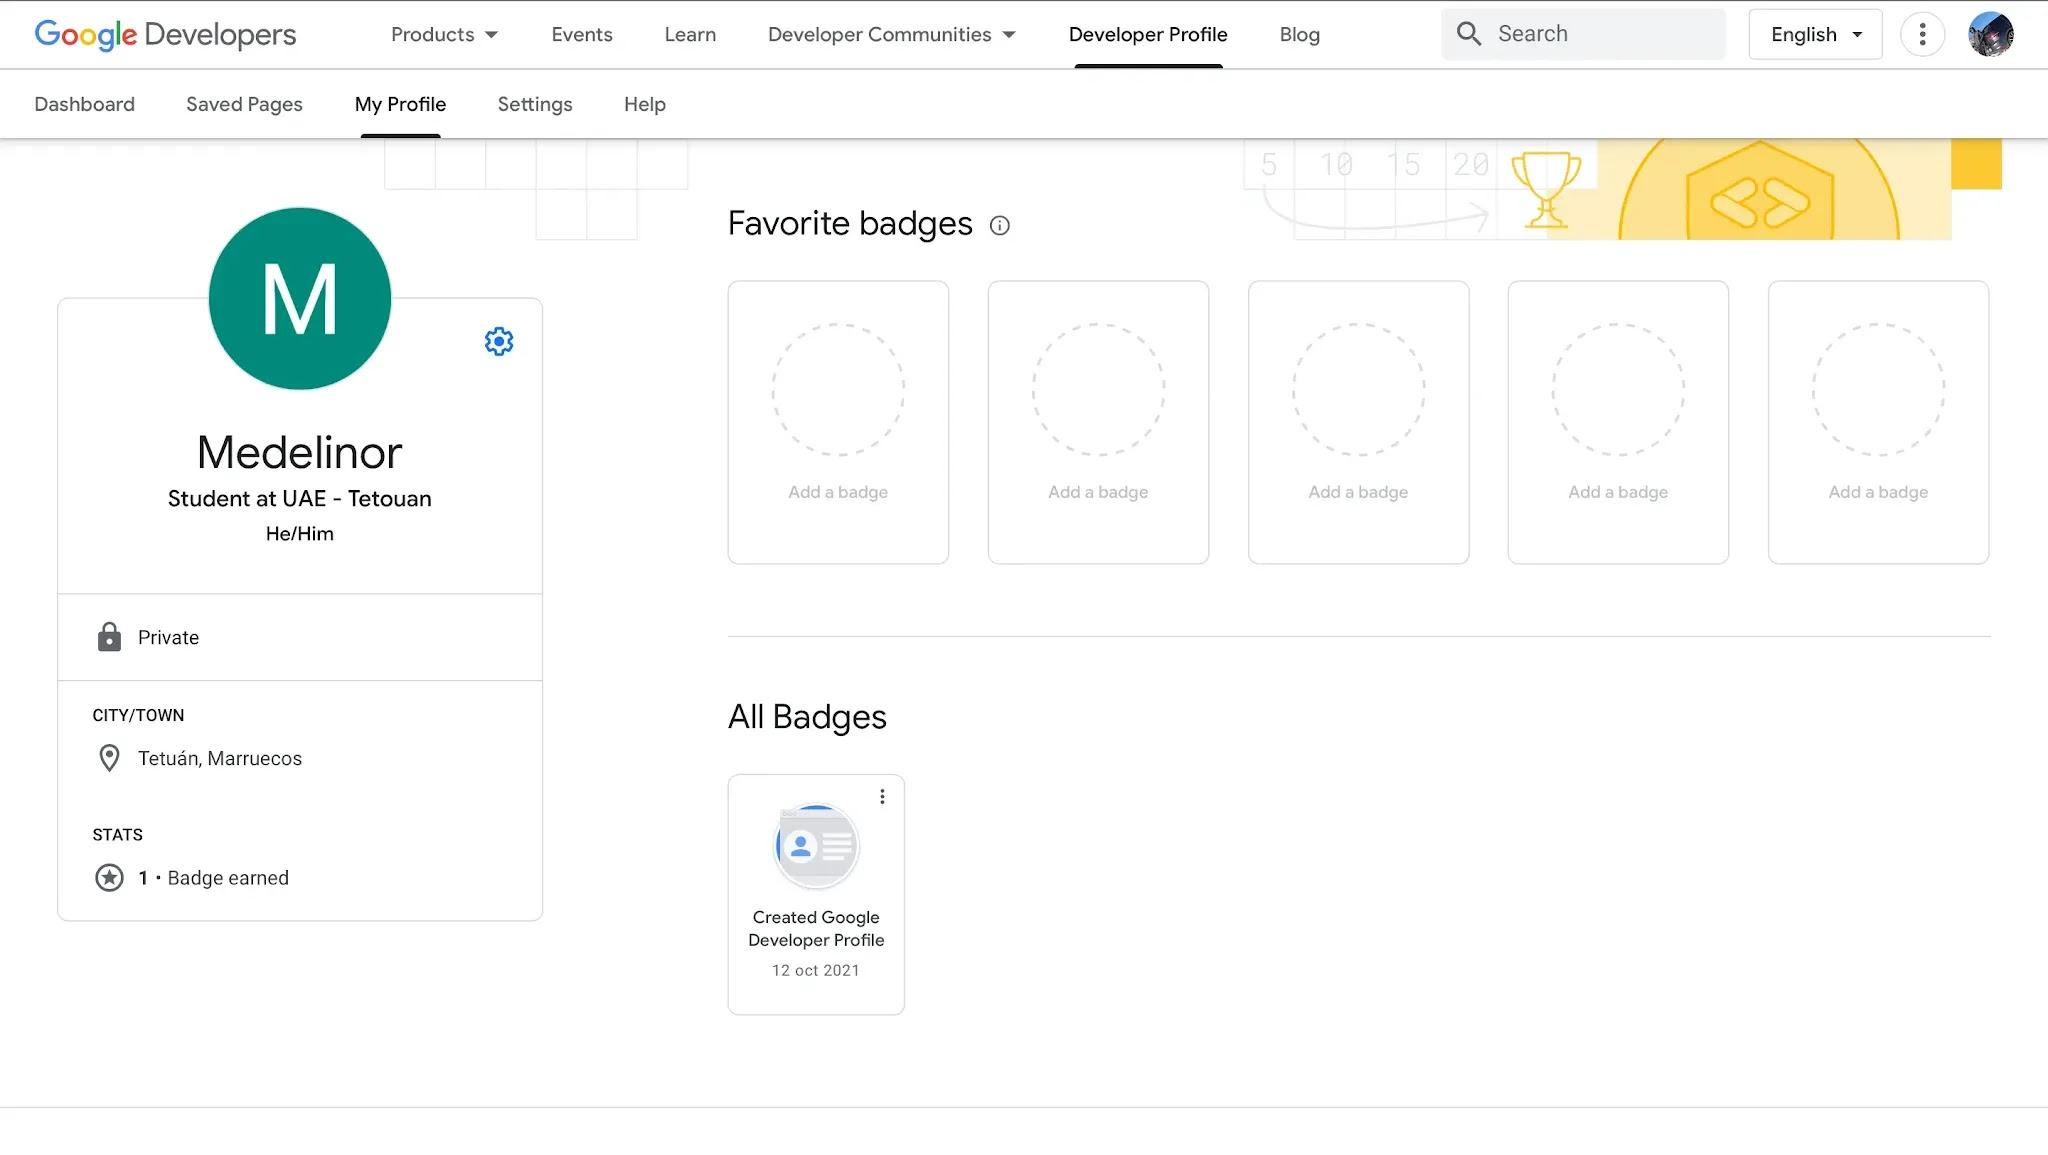 لقطة شاشة من المف الشّخصي لمطوري غوغل